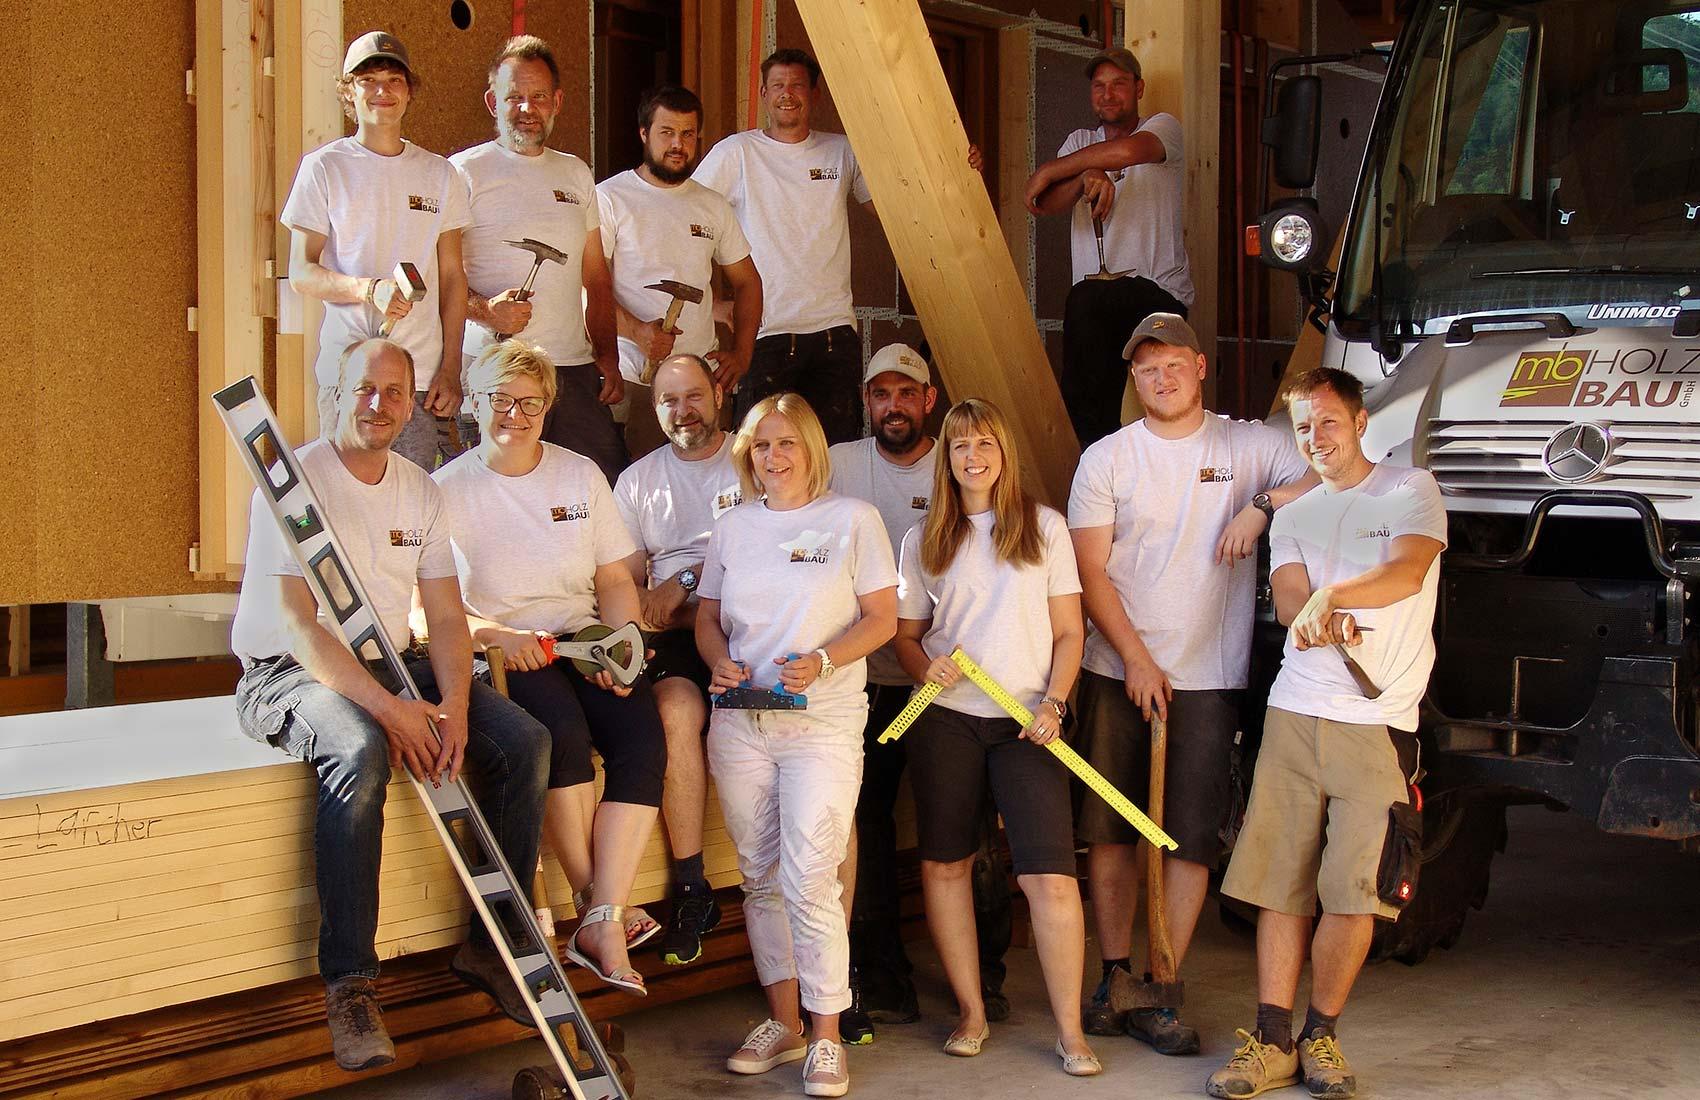 Team MB Holzbau